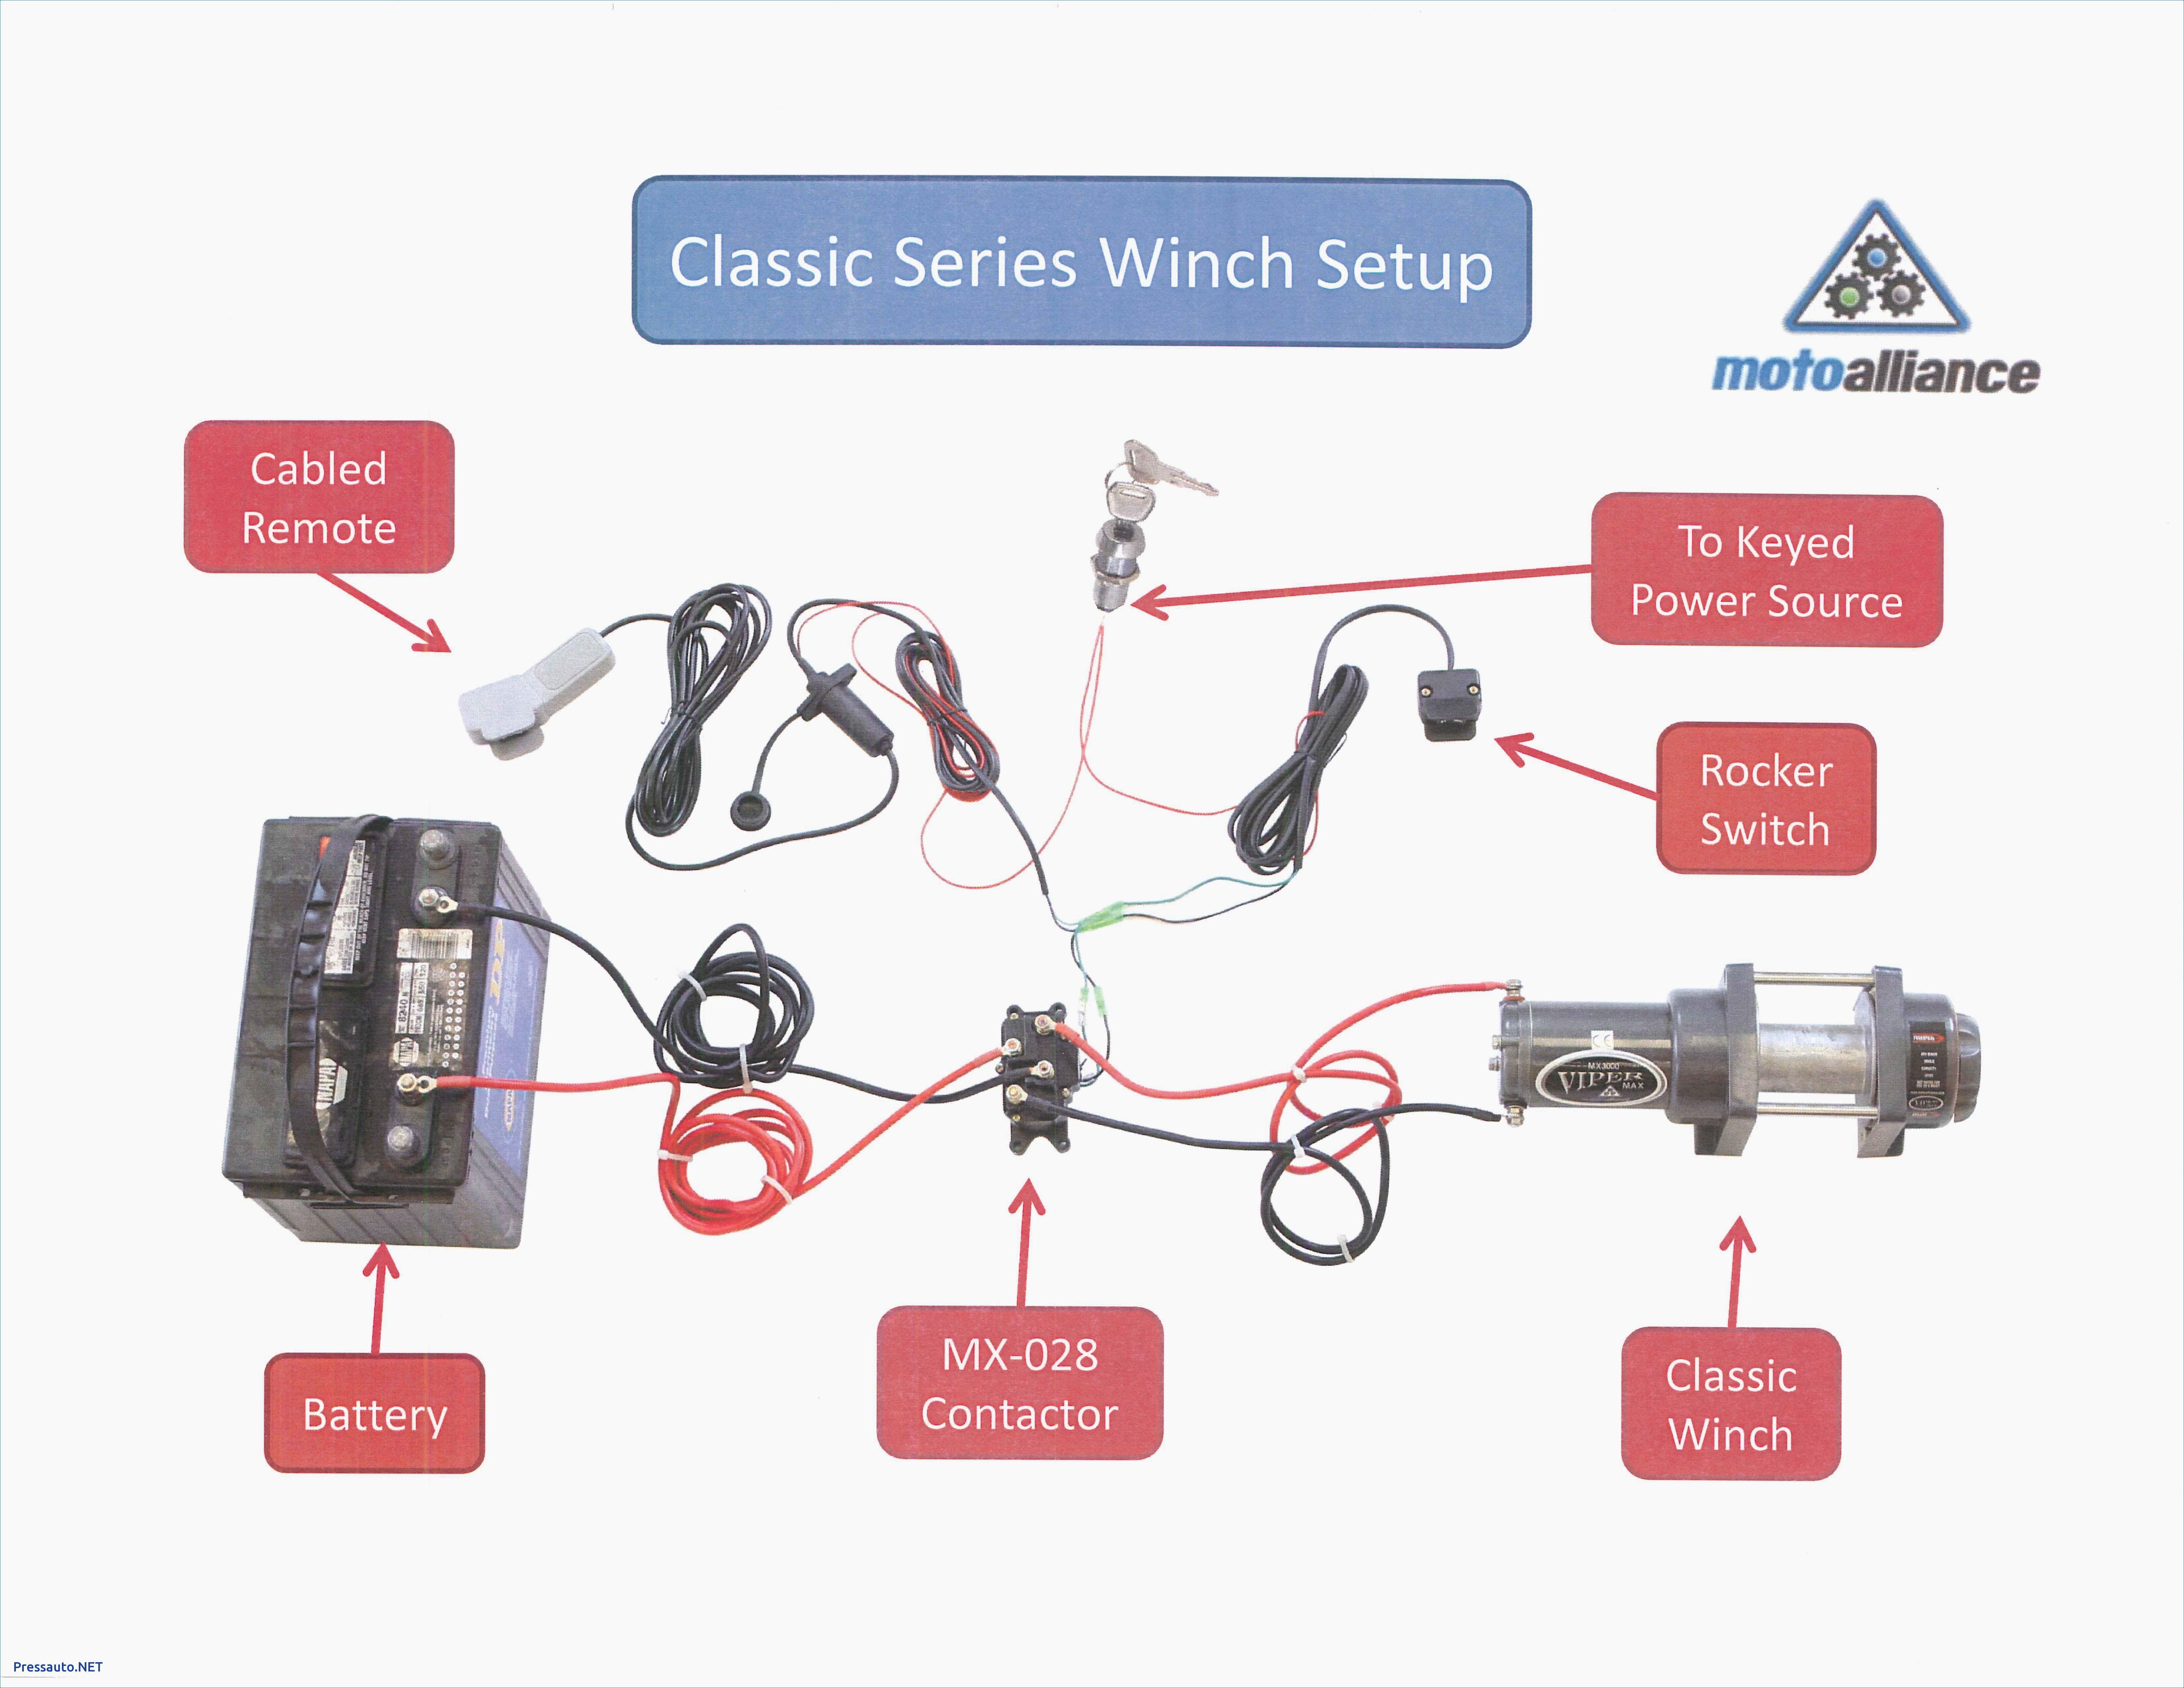 Unique Winch Contactor Wiring Diagram #diagram #diagramtemplate  #diagramsample | Atv winch, Winch, Electrical diagram | Winch Wire Diagram Relays |  | Pinterest